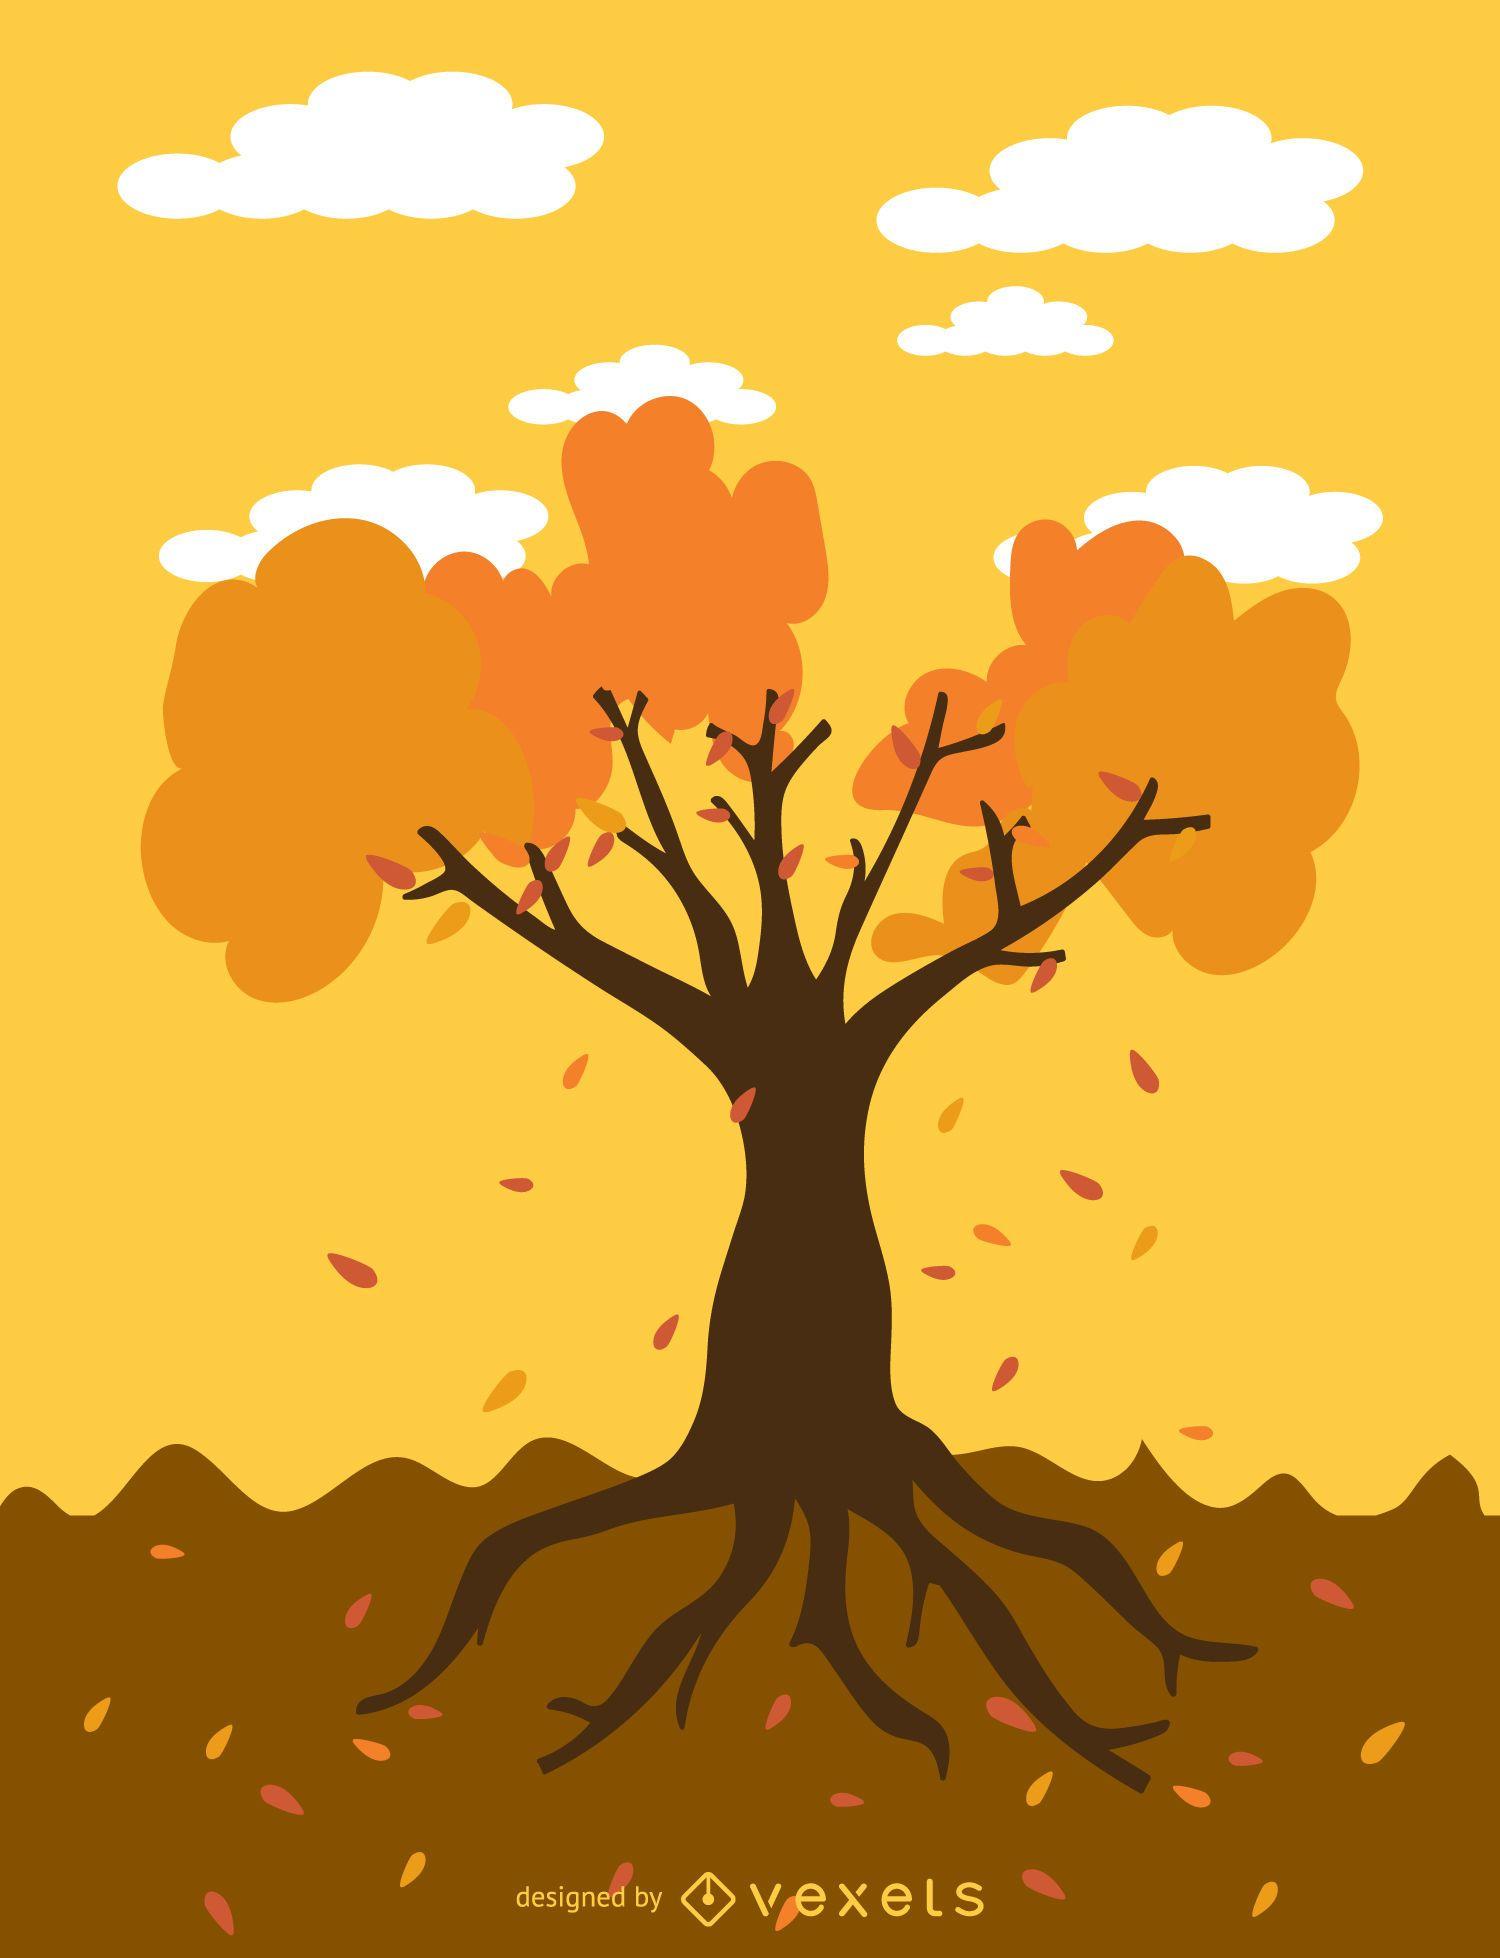 Autumn tree cartoon